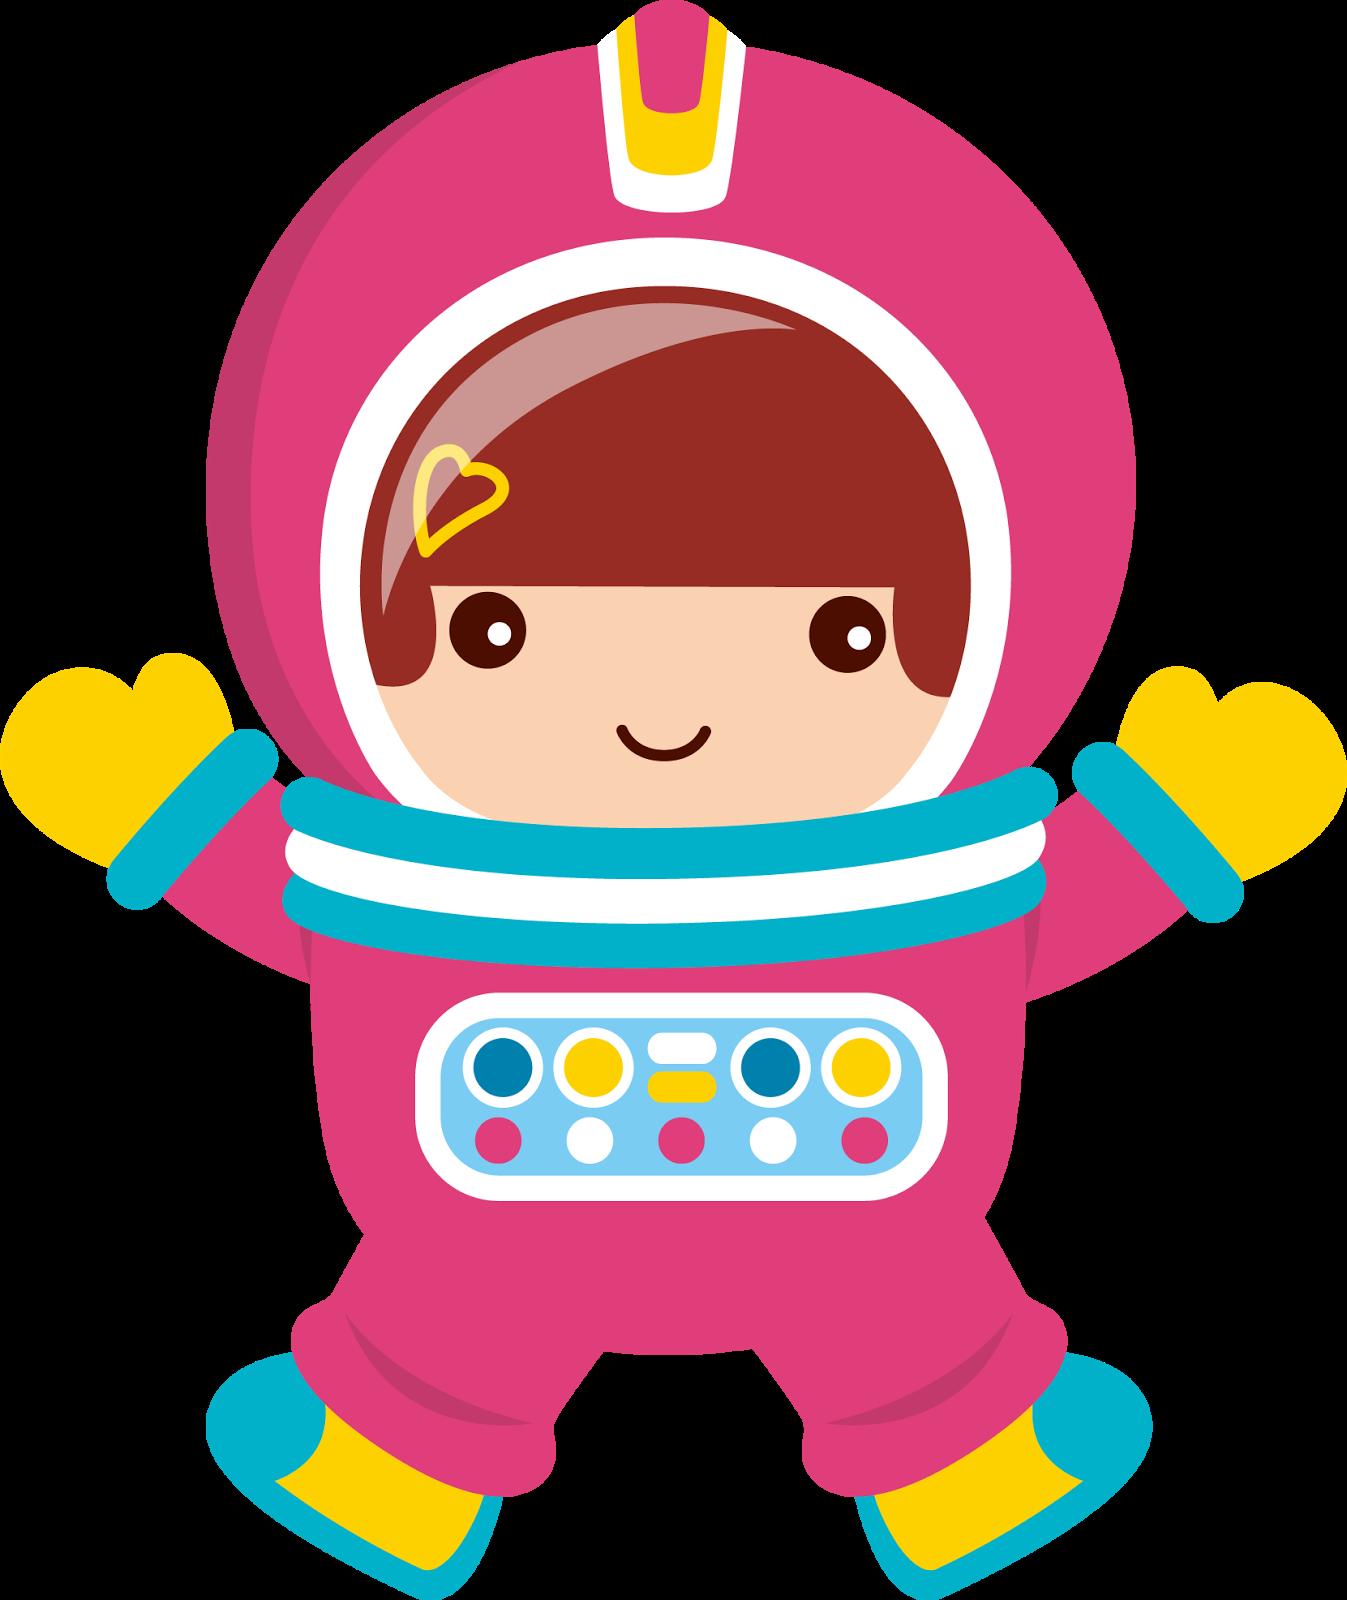 galaxy clipart spaceship